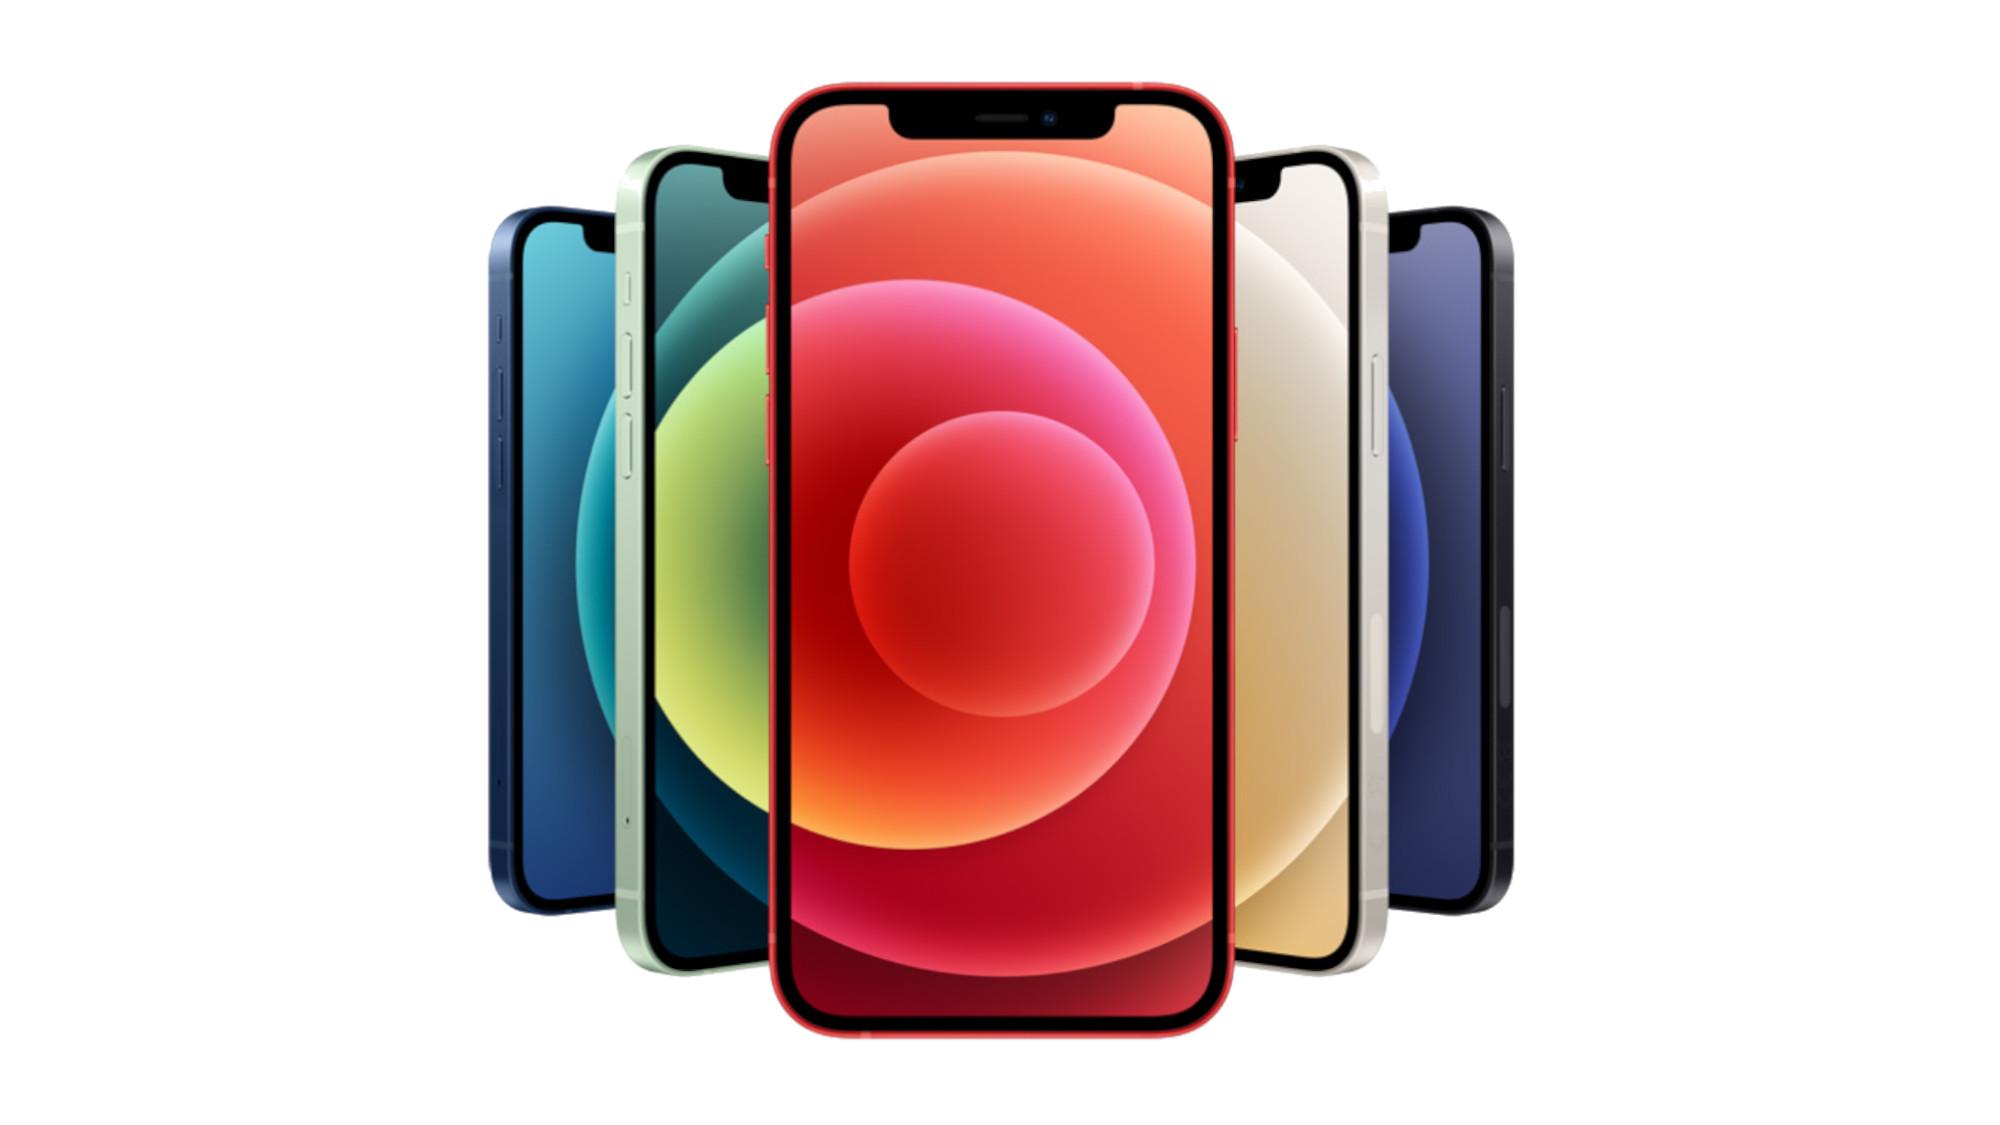 Ofertas de precios profesionales de pedidos anticipados de Apple iPhone 12